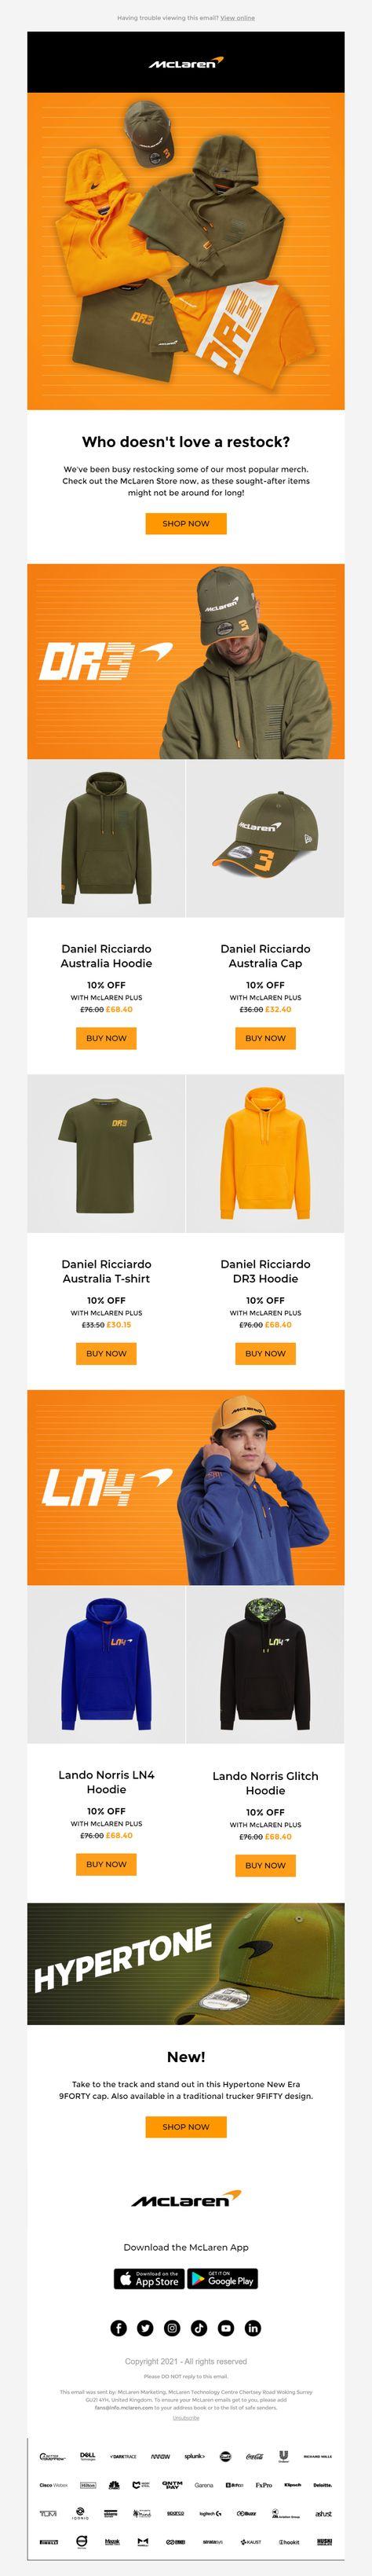 The Official McLaren Website – McLaren.com